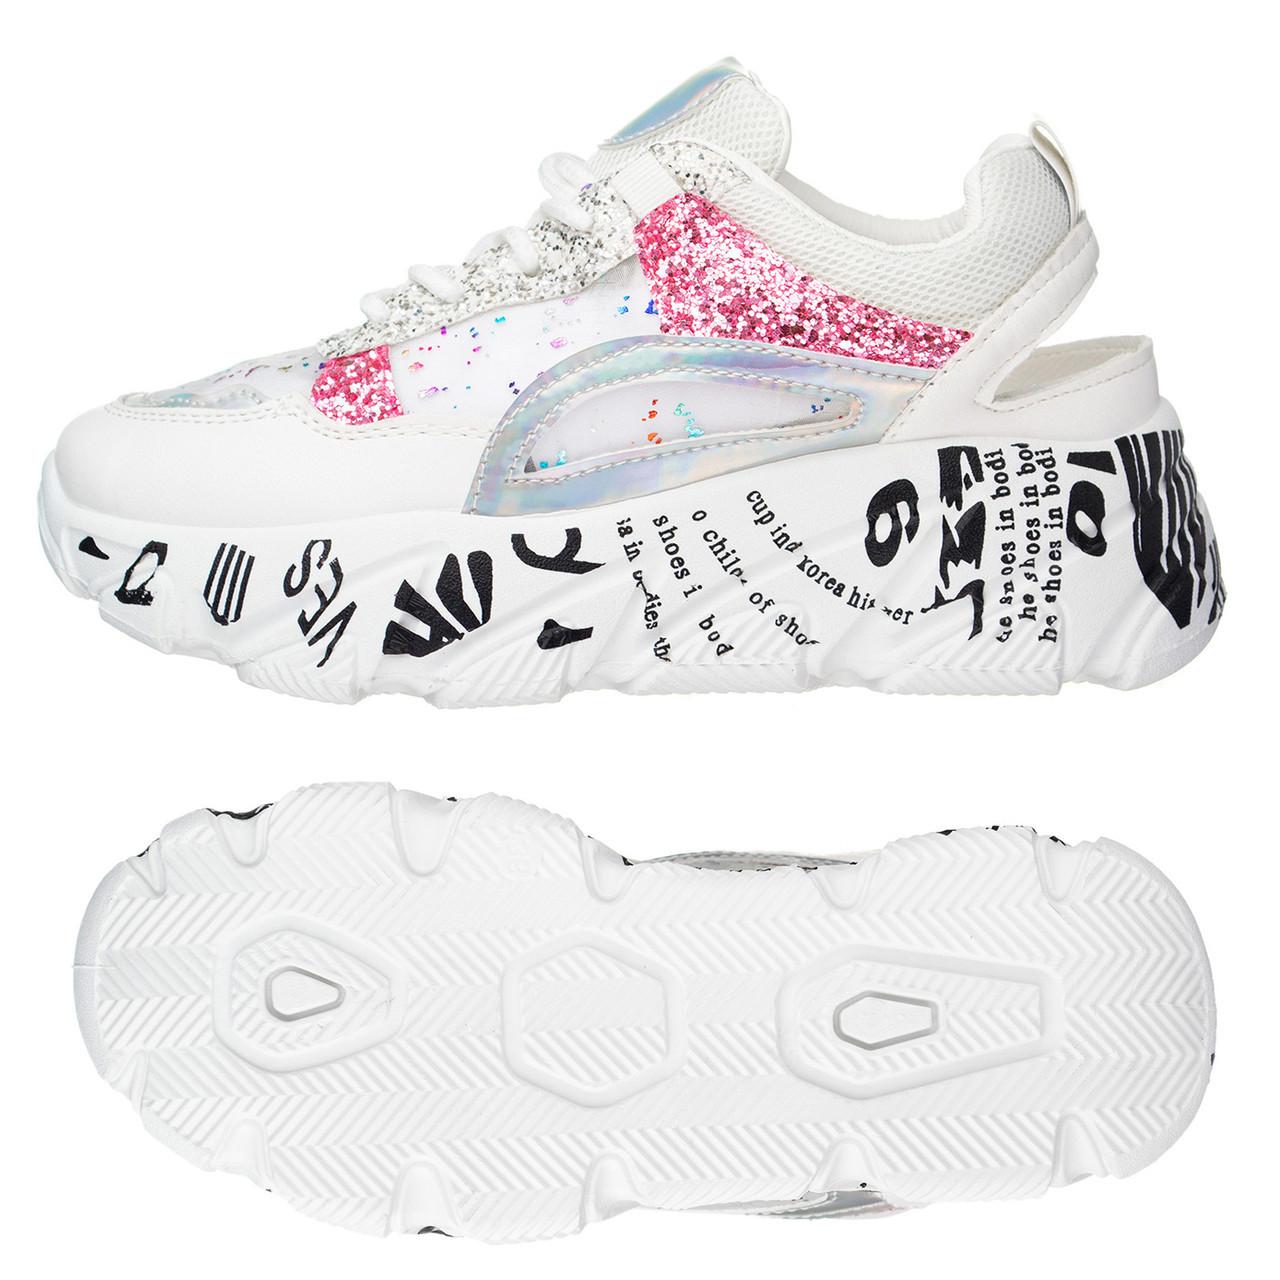 Жіночі кросівки EAC Fashion 38 White Pink